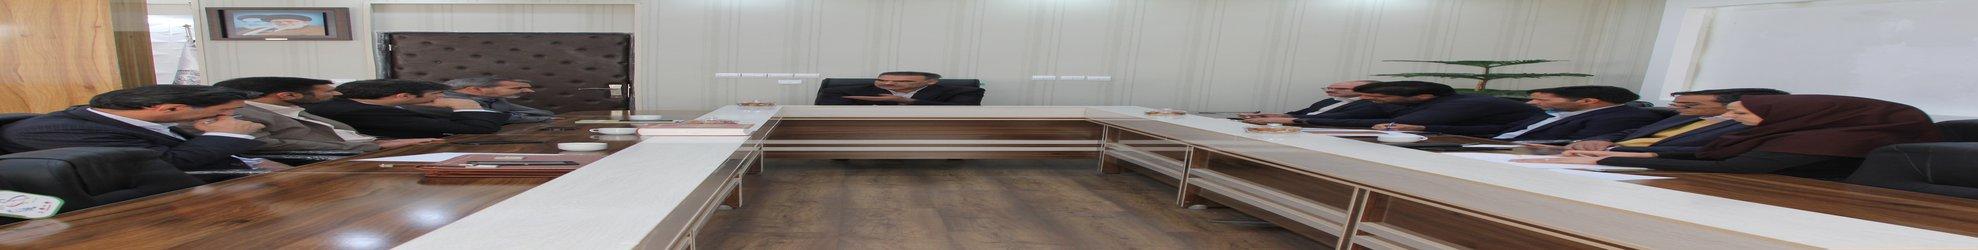 در اولین جلسه ویژه زیباسازی نوروز ۹۸شهرداری  مطرح شد: بیرجند برای استقبال از نوروز آماده می شود